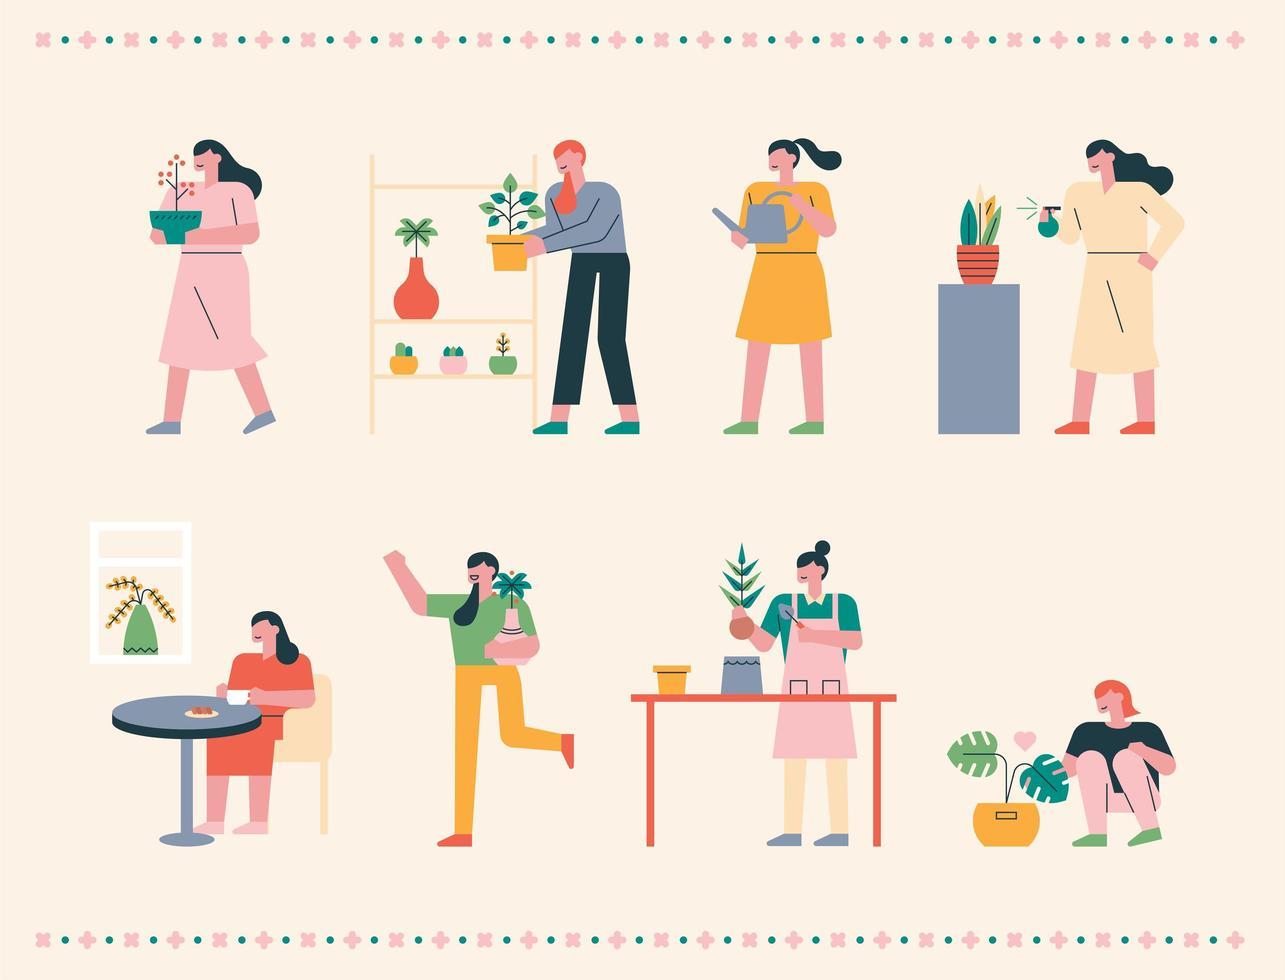 hem trädgårdsarbete människor. vektor